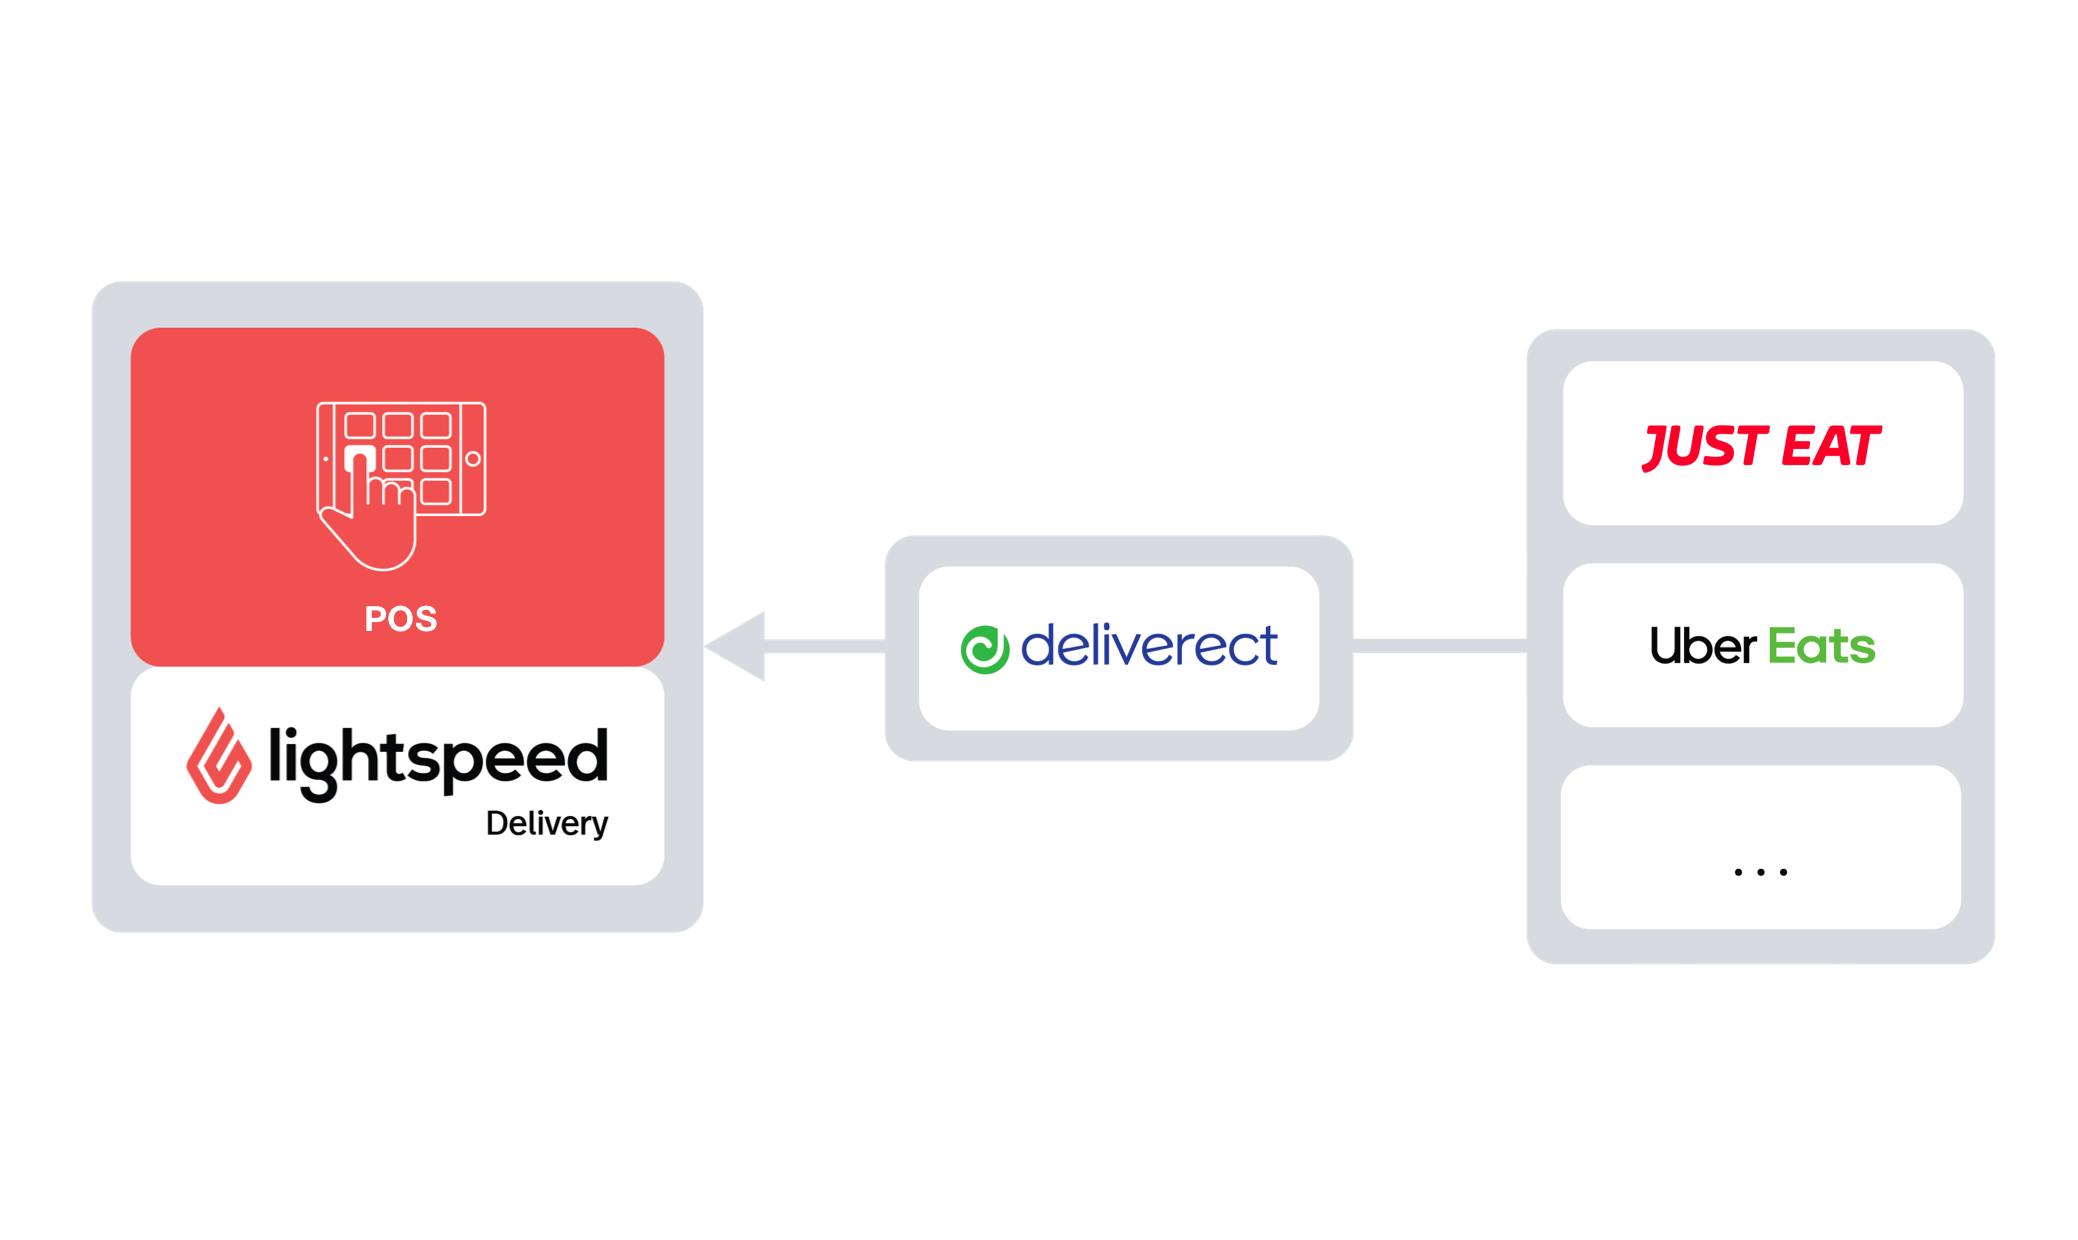 ls-delivery-illustration